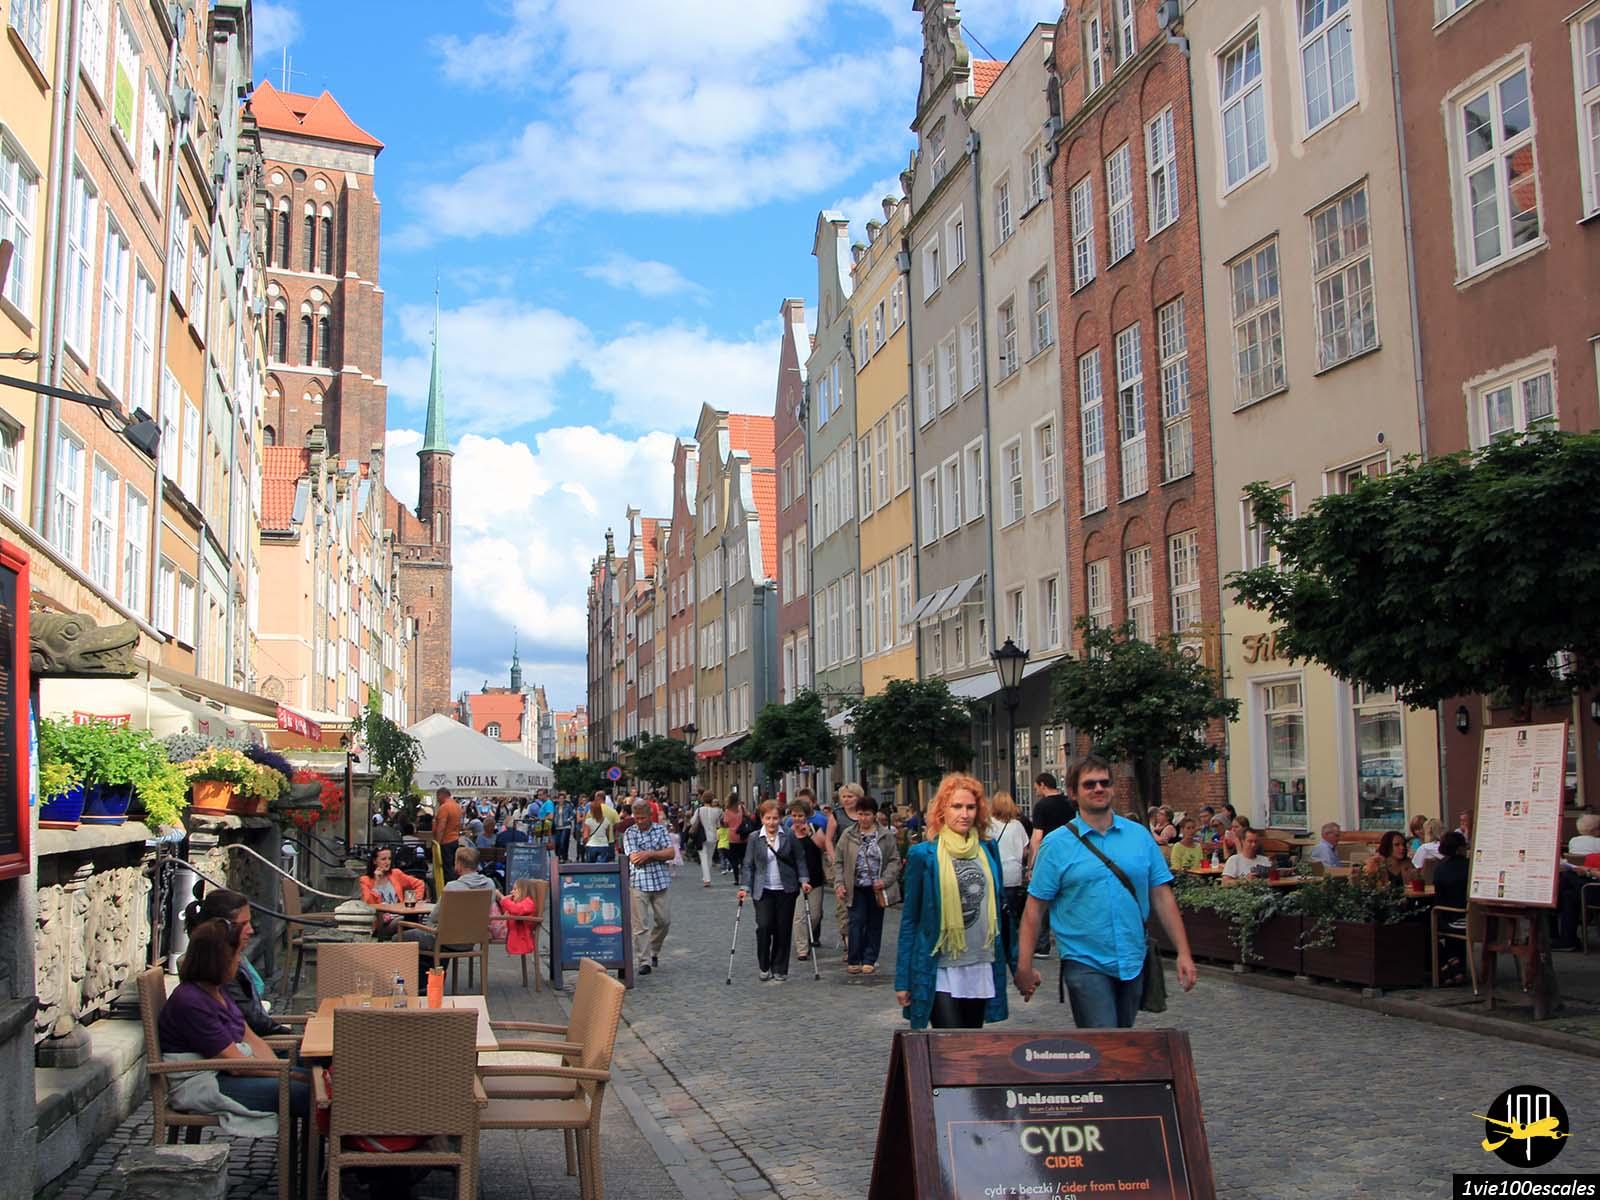 Escale #070 Gdansk